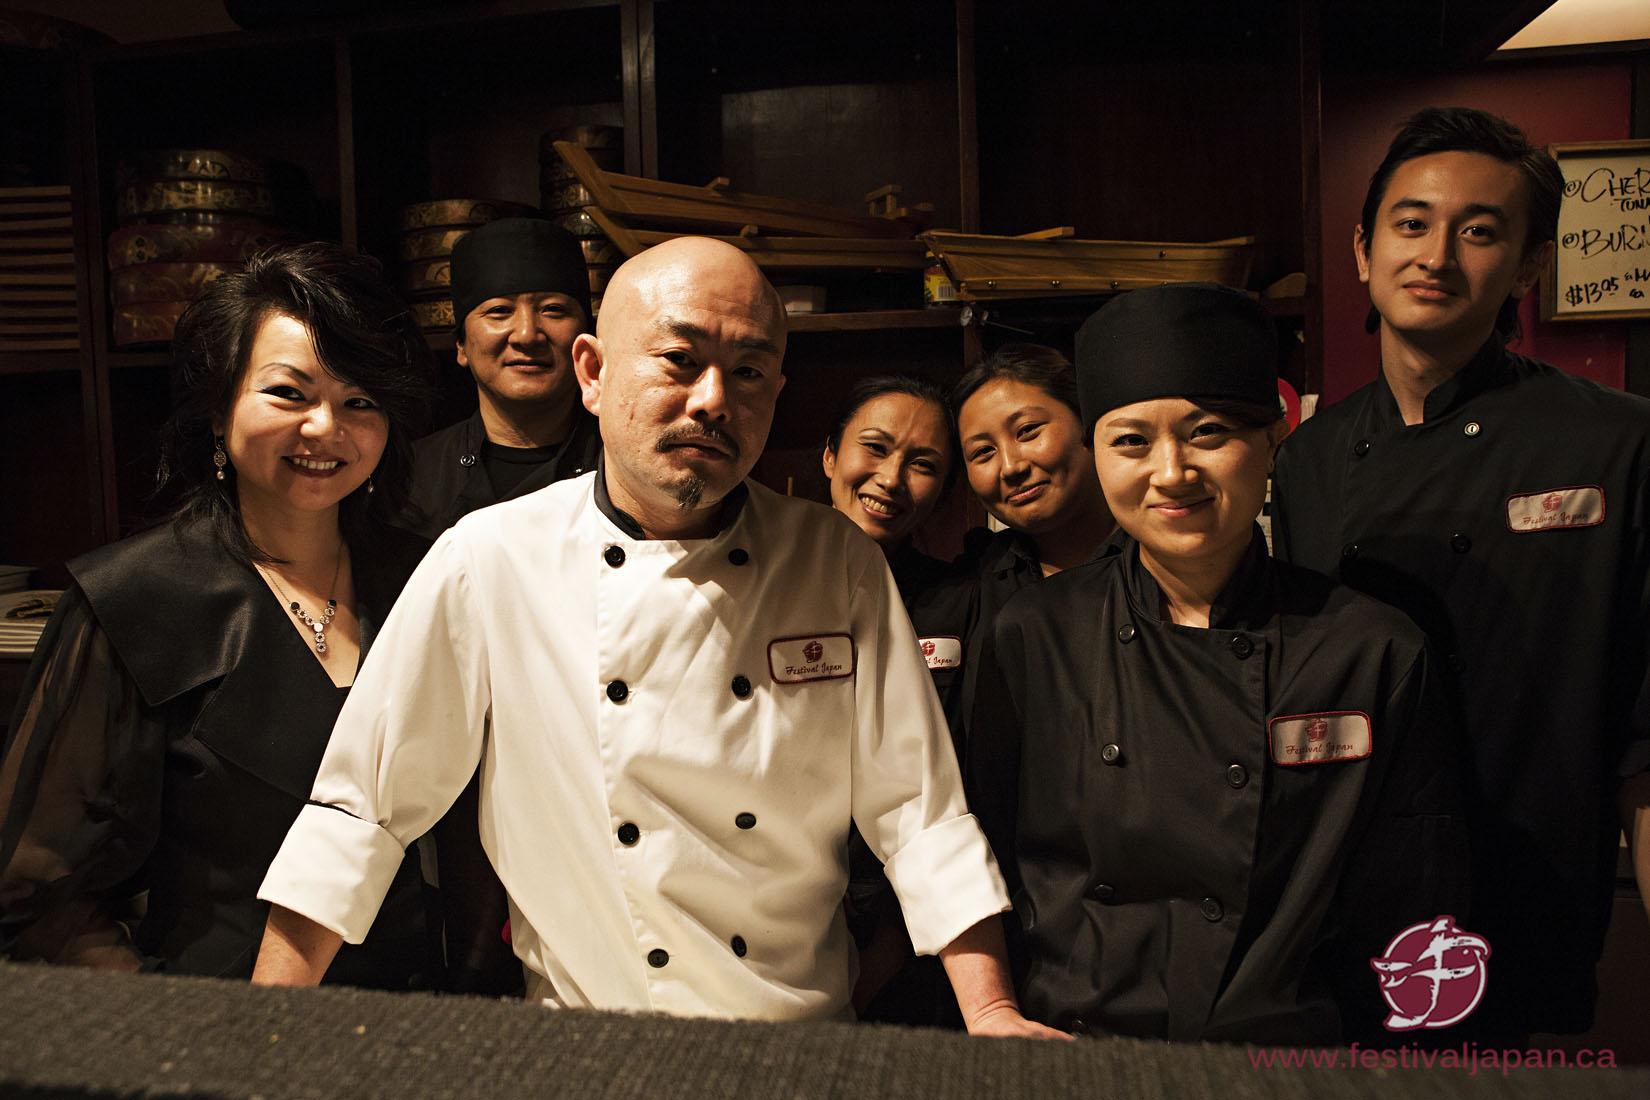 Festival Japan Restaurant Ottawa